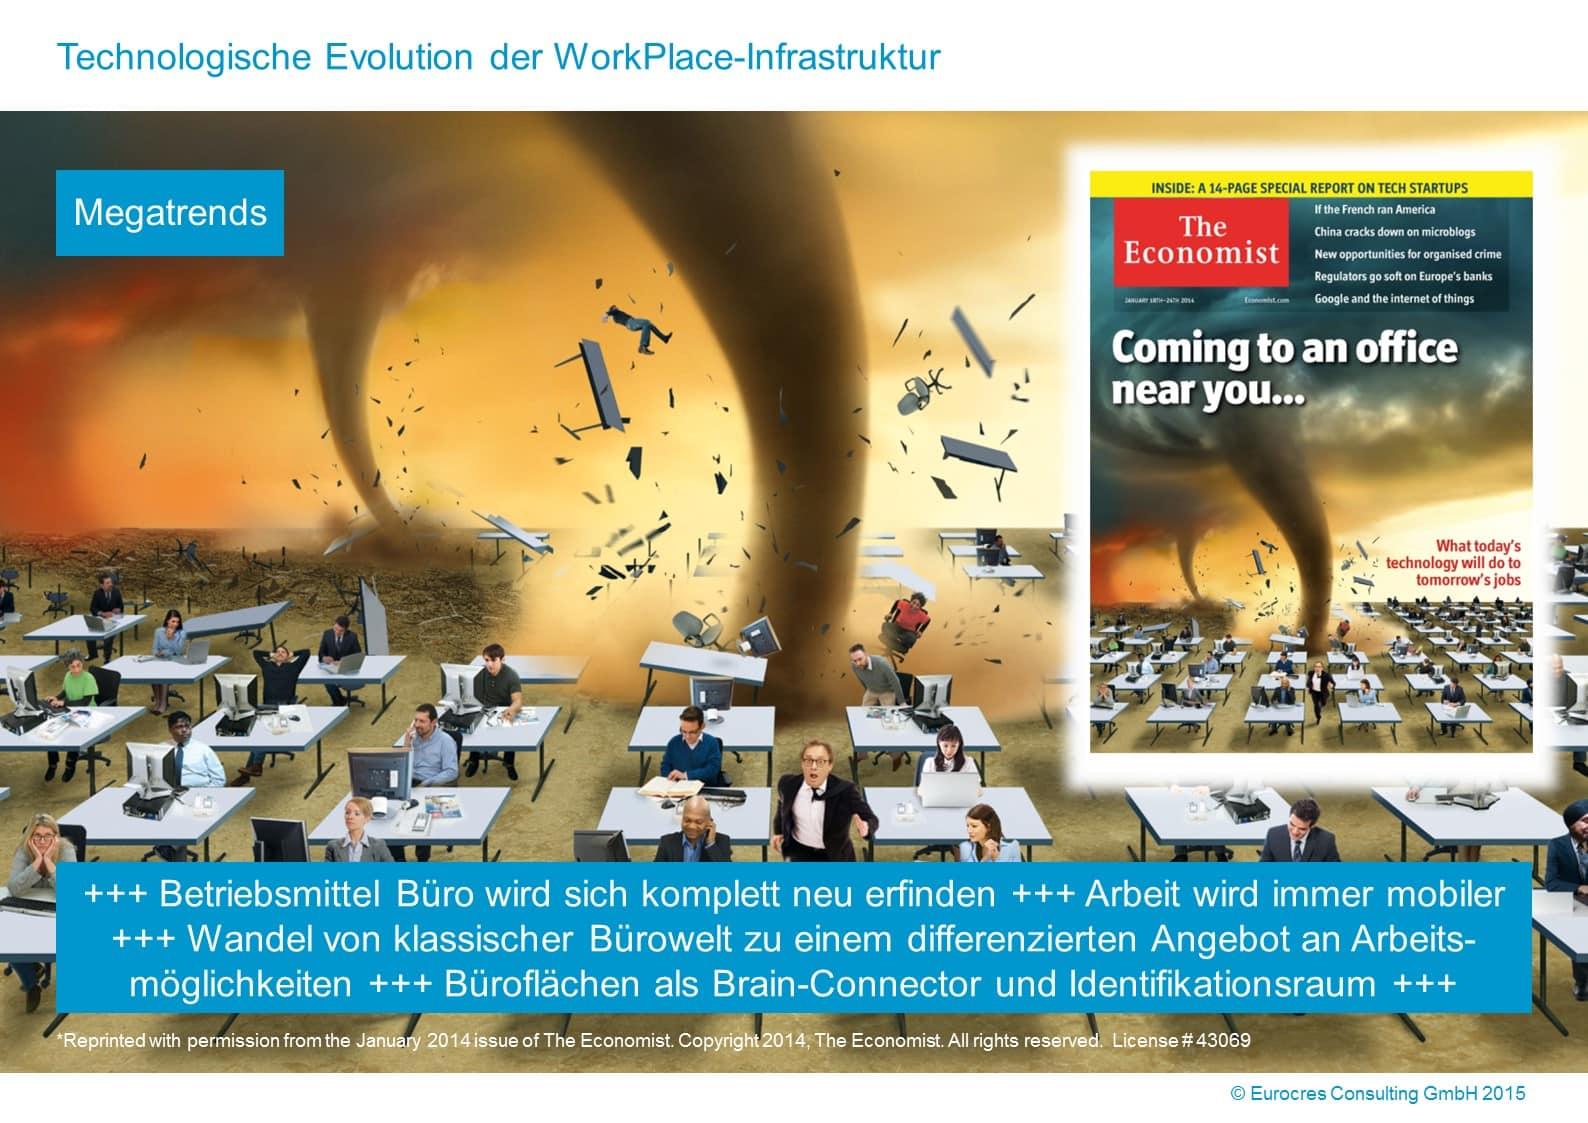 WorkPlace Flash: Technologische Evolution der WorkPlace-Infrastruktur